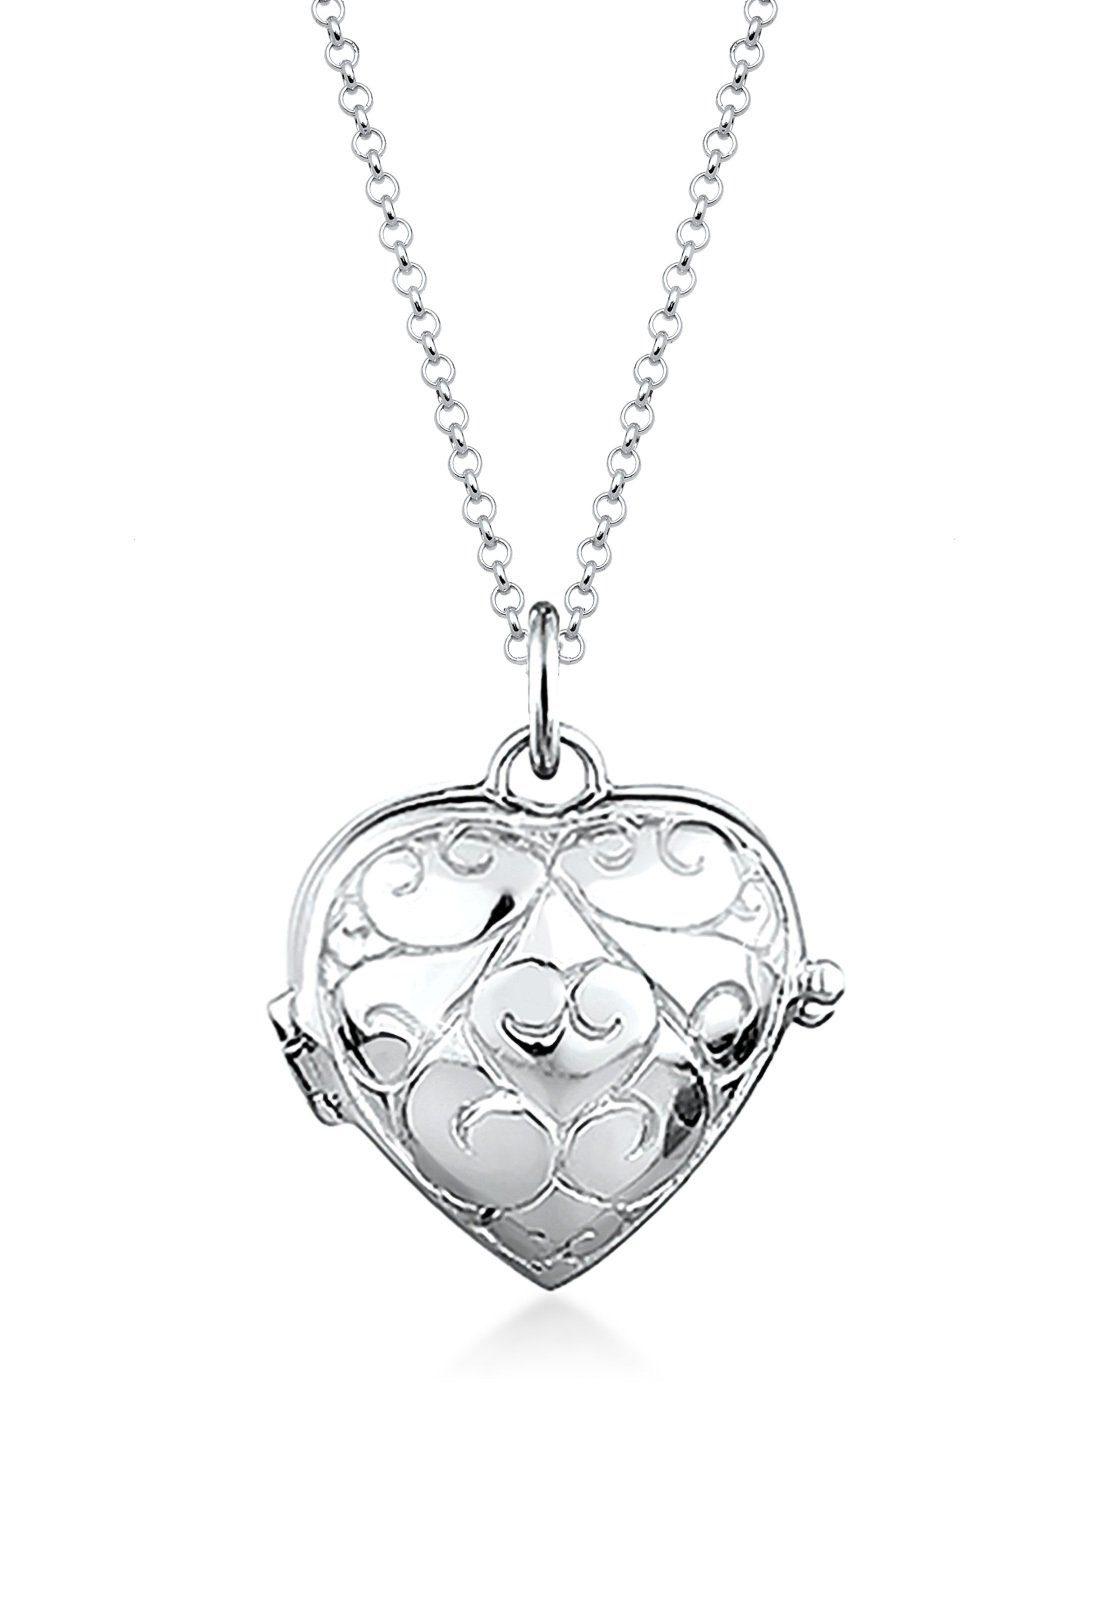 Foto Medaillon Herz Amulett weißer Zirkonia Bilder Anhänger Silber 925 mit Kette